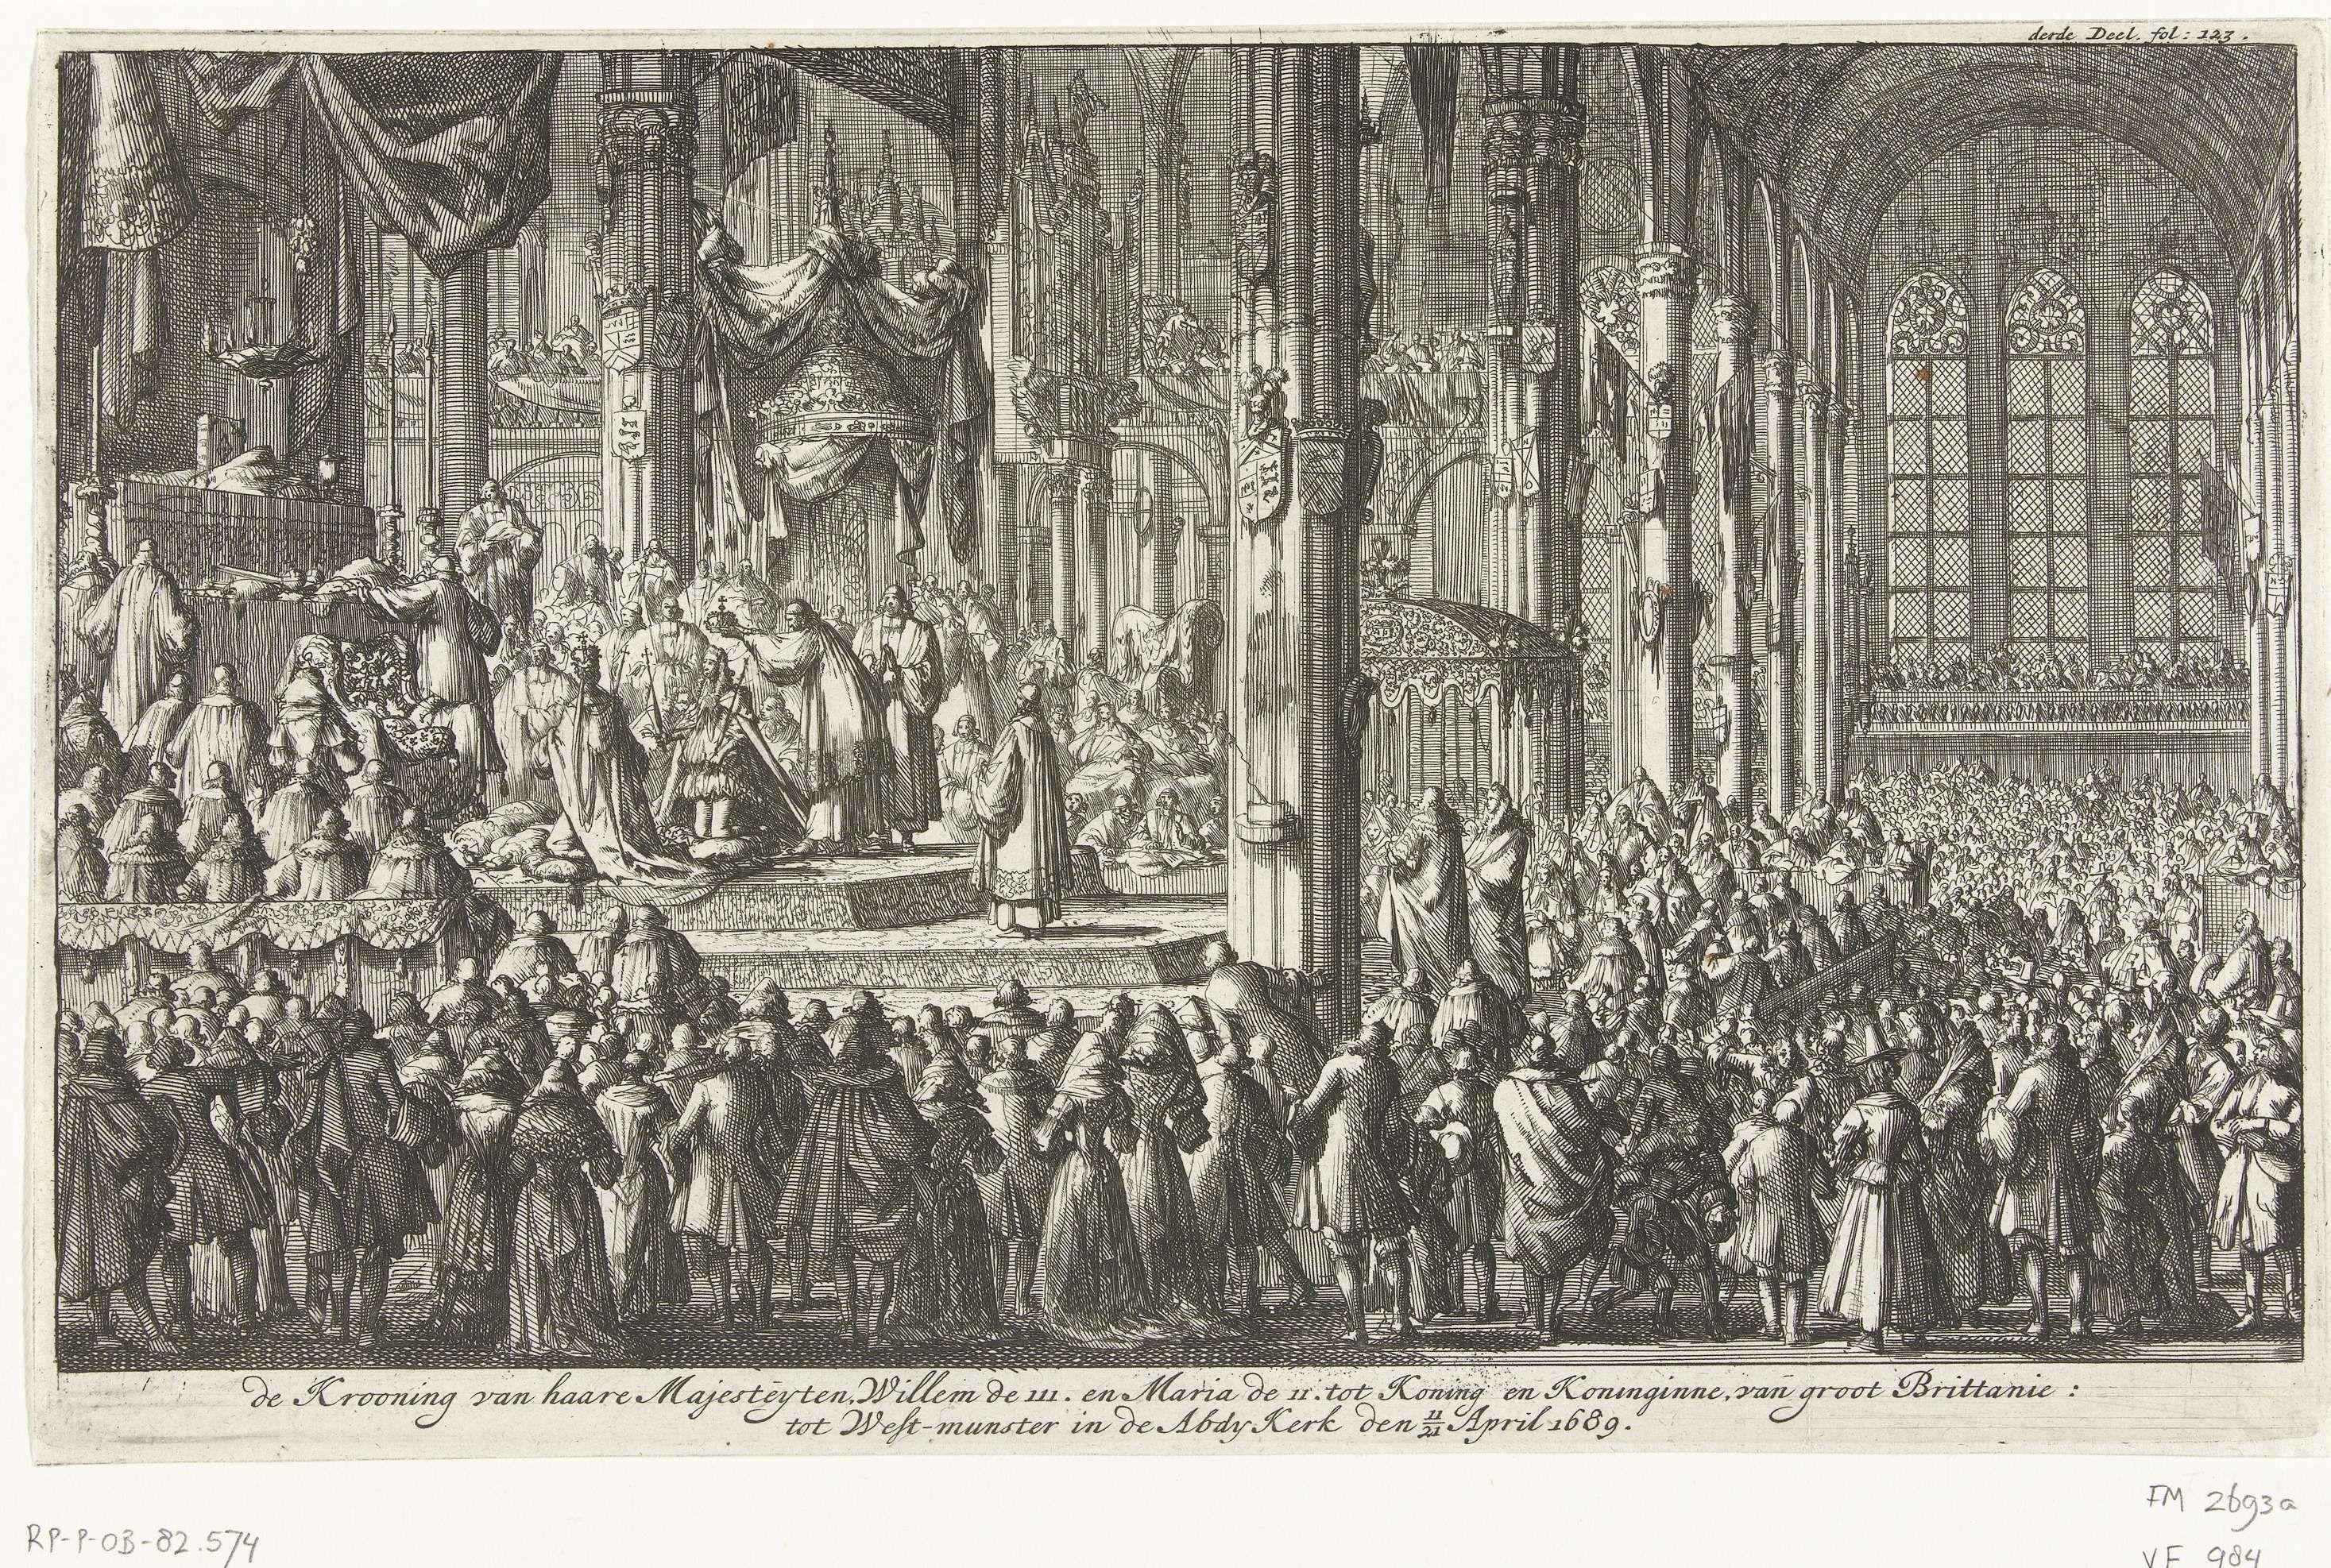 Jan Luyken | Kroning van Willem III, 1689, Jan Luyken, 1689 | De kroning van Willem en Mary tot koning en koningin van Engeland, 21 april 1689. Kroningsceremonie in een volle Westminster Abbey. Gemerkt rechtsboven: derde Deel. fol. 123.